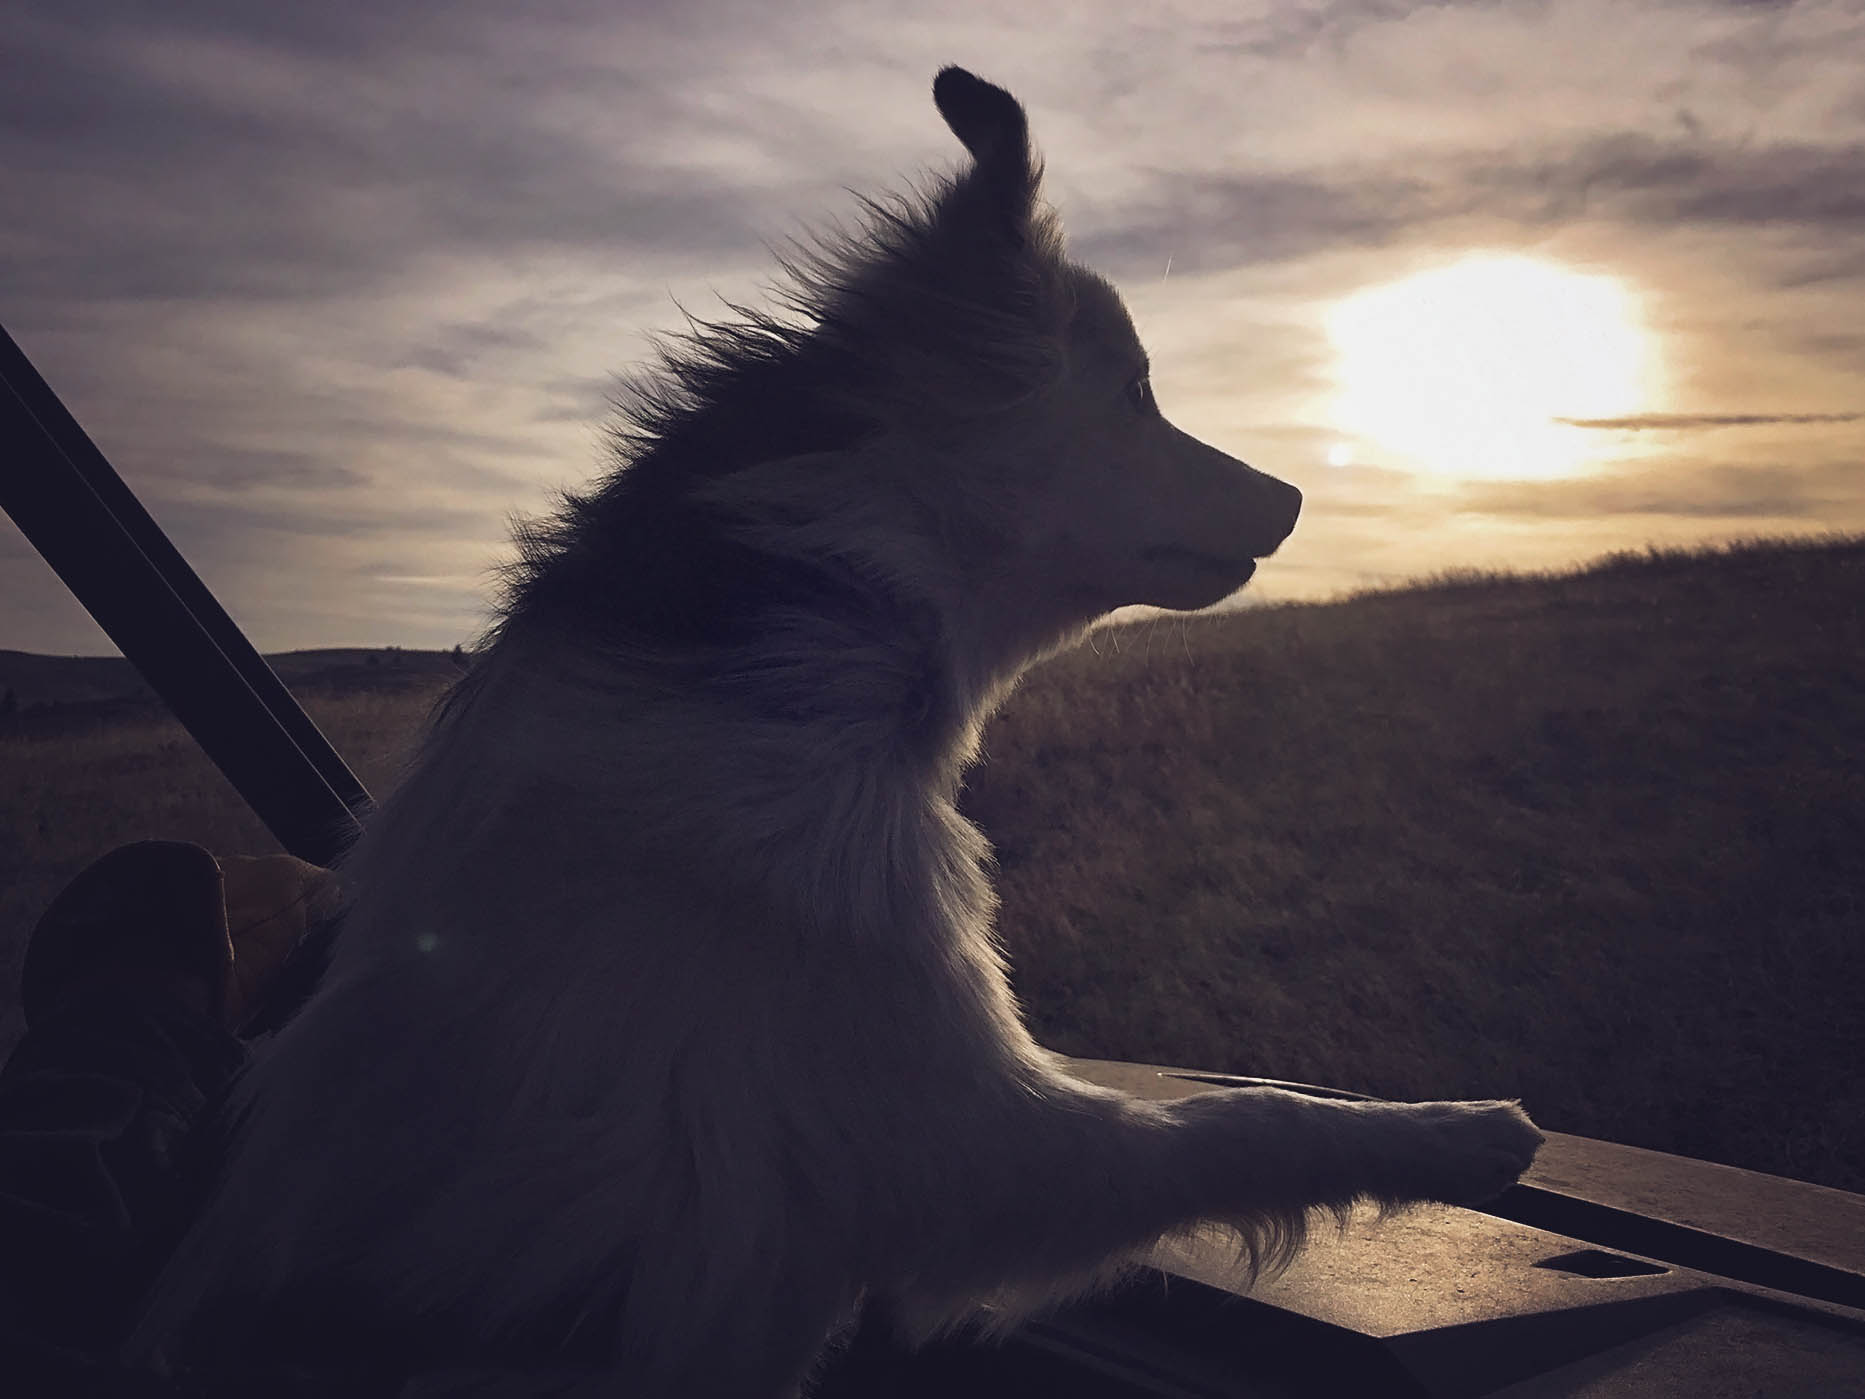 'Ollie' checking summer range at sunrise.